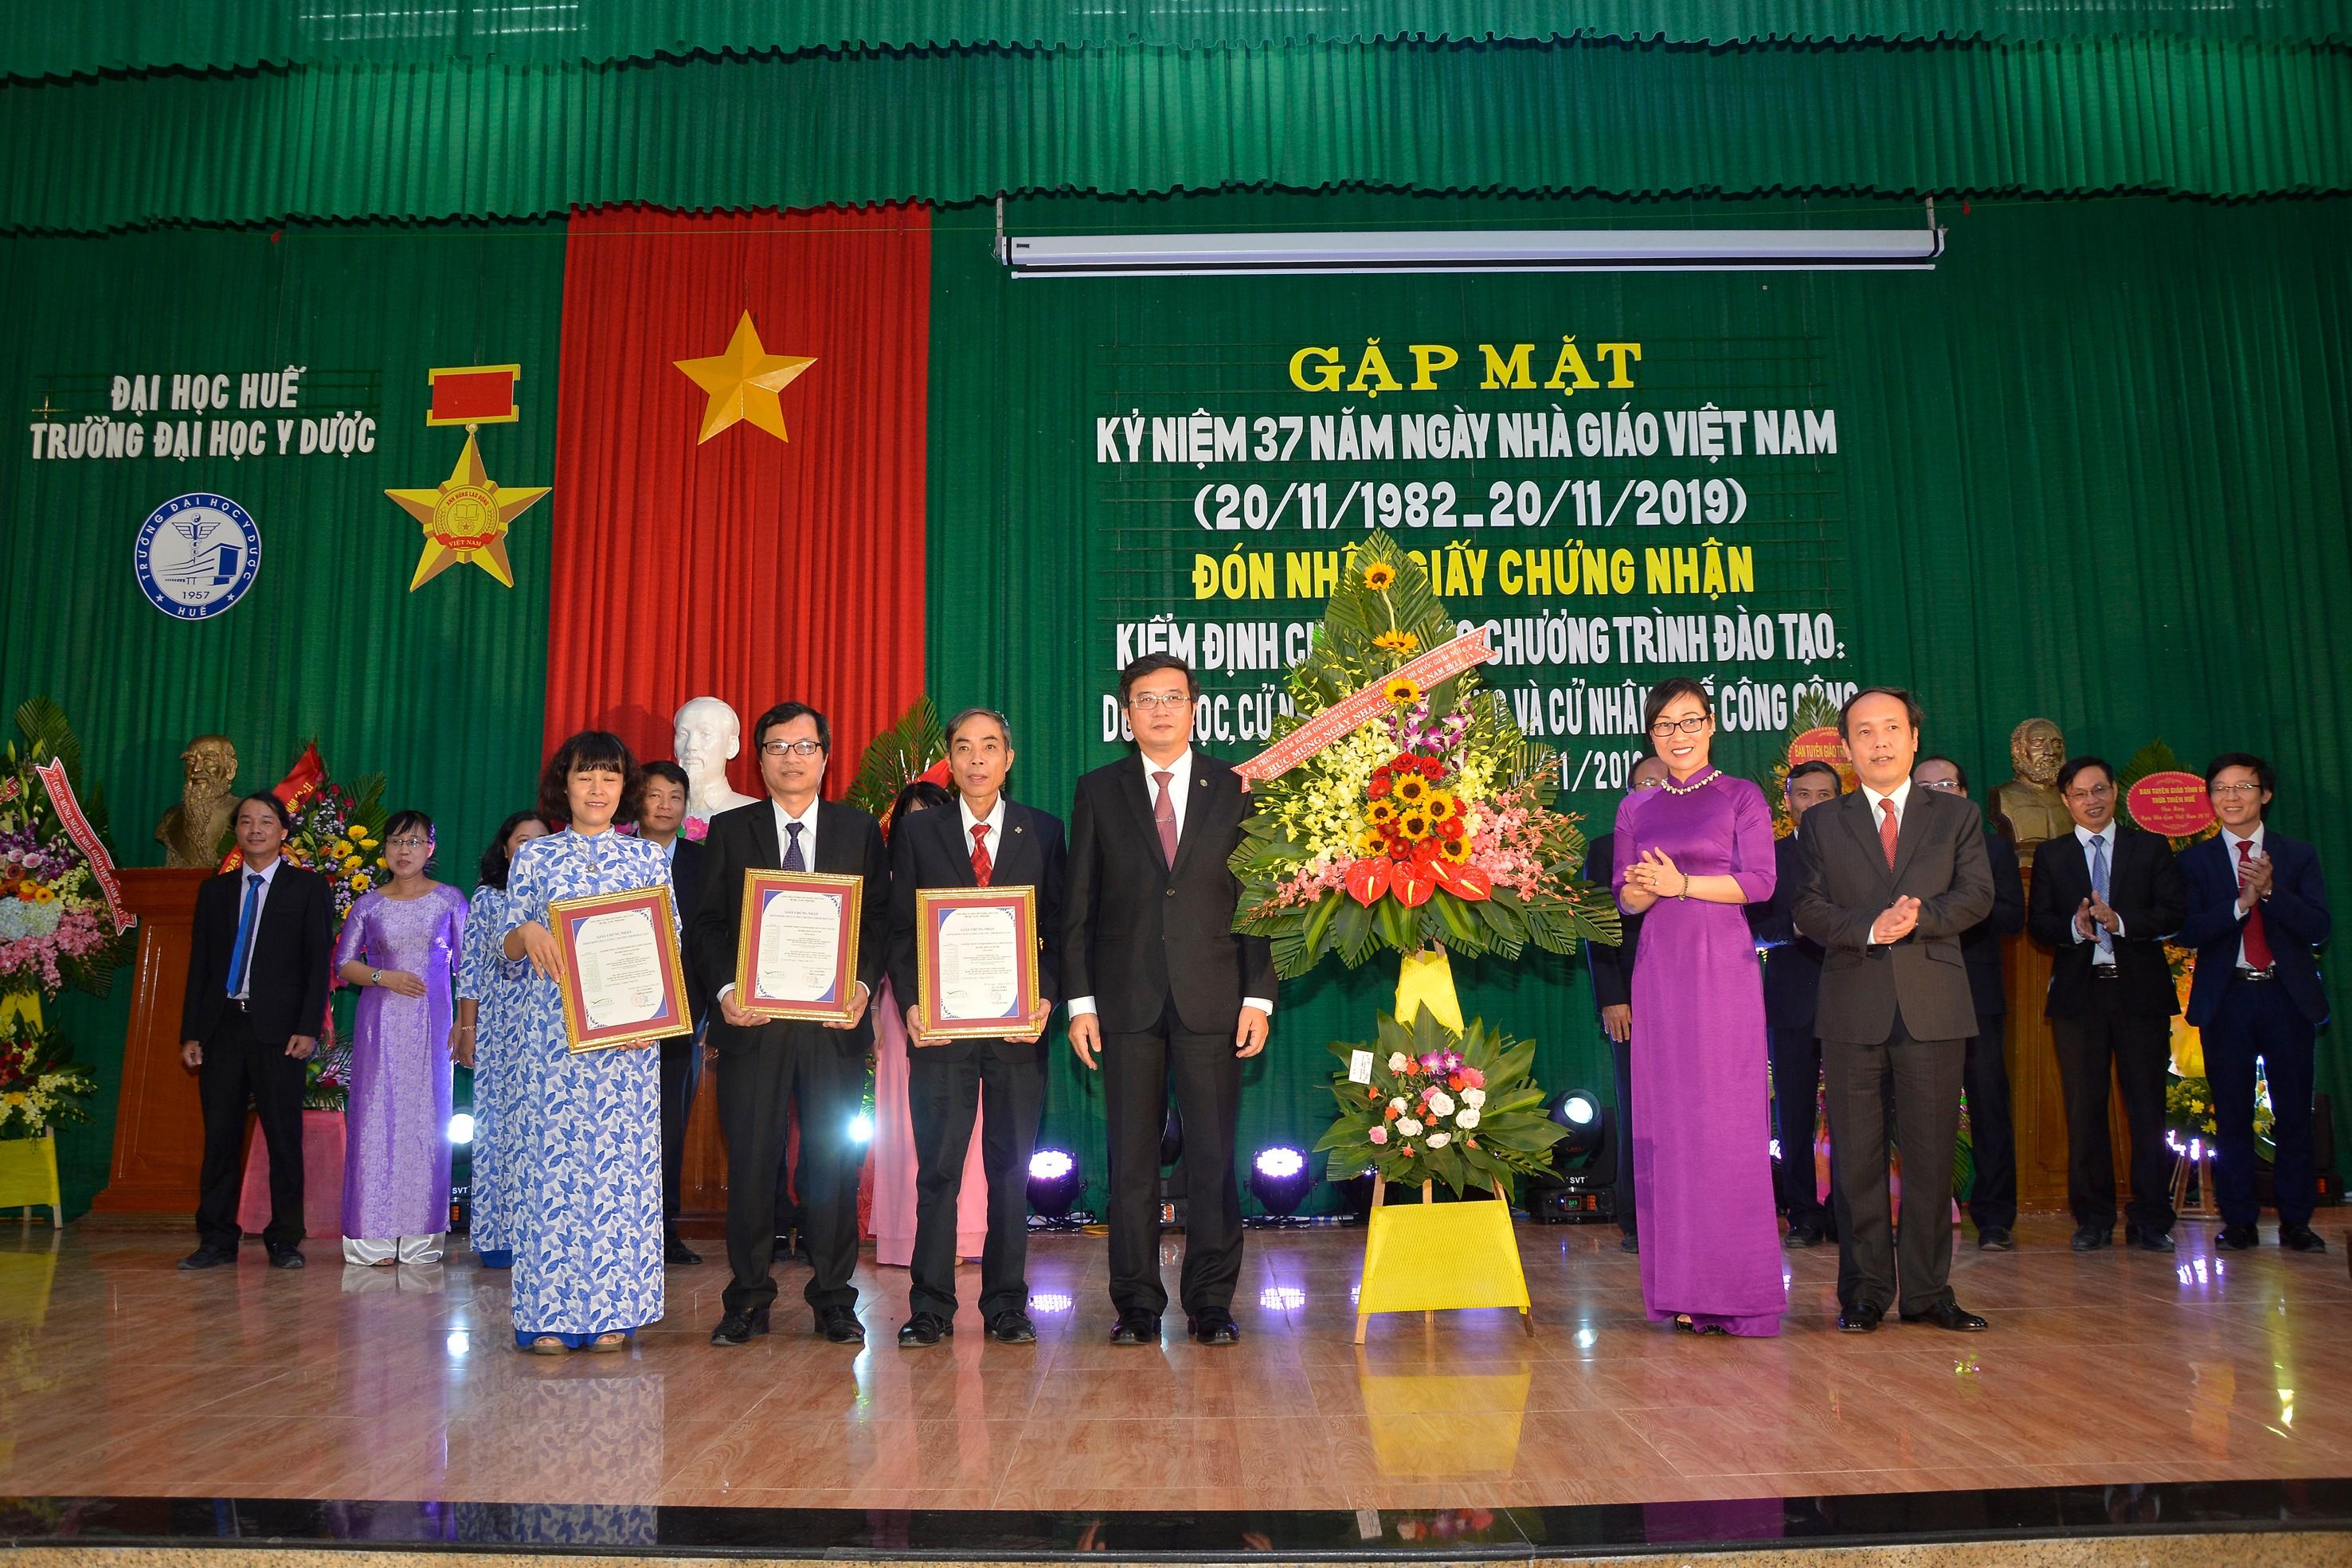 Gặp mặt kỷ niệm 37 năm ngày nhà giáo Việt Nam 20-11